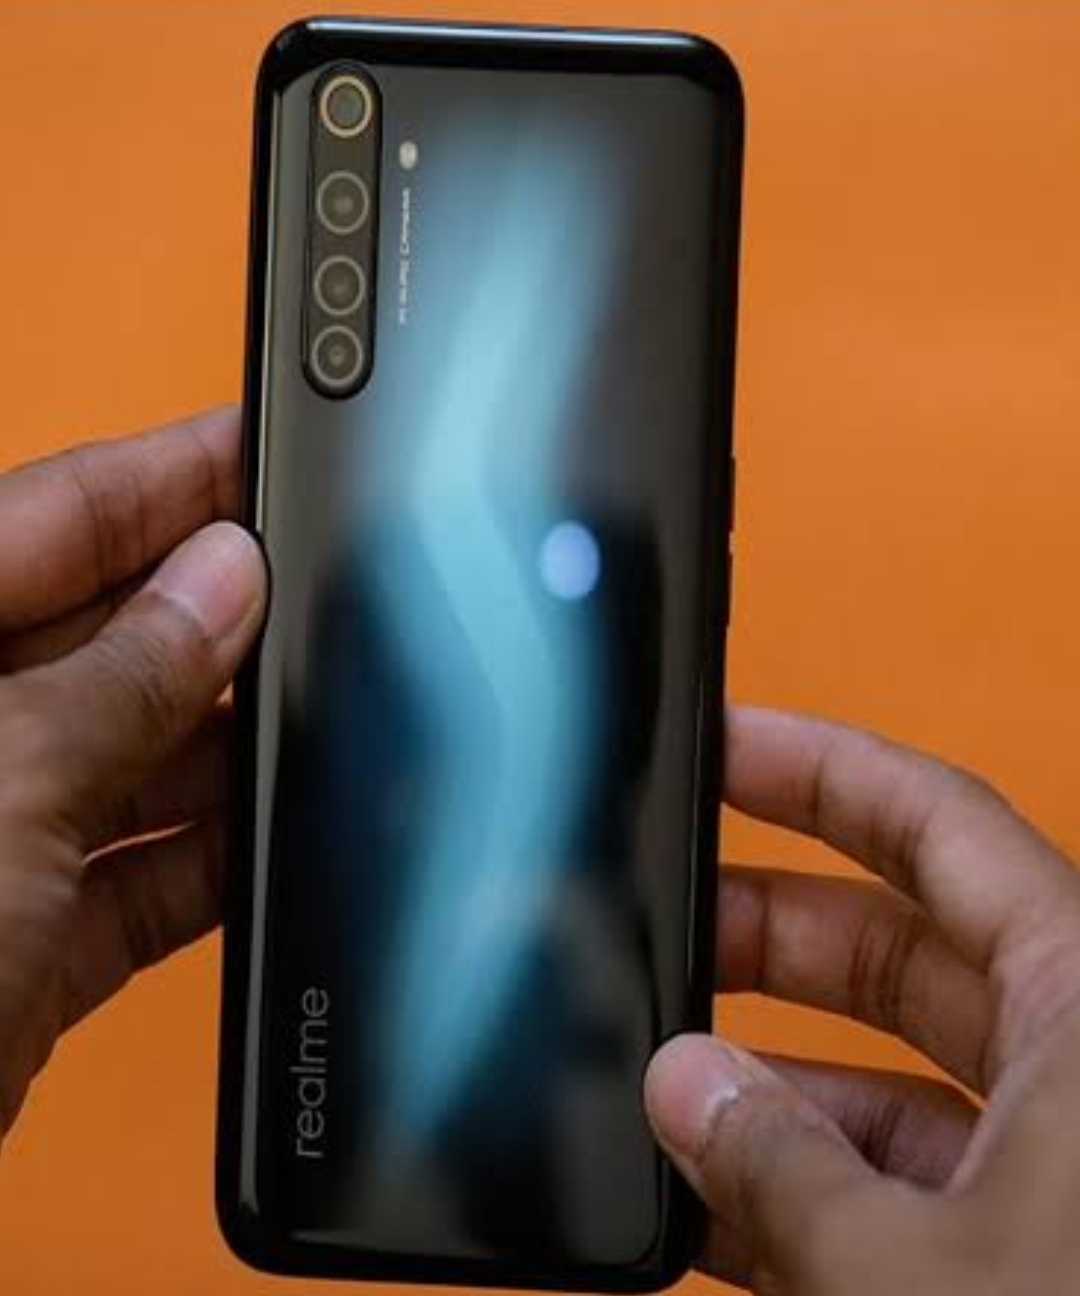 realme who owns, realme to red colour, realme latest update, where is realme service center, realme vs redmi note 8, which realme phone is best for gaming, can realme c2 play pubg, realme hard reset, realme vowifi, realme without notch, realme 4 128, realme 1825, which realme phone is best quora, realme 8 mobile, realme gps technology, realme a5, is realme x2 worth buying, realme band, realme or poco, realme v i ka cover, realme 5 mobile, realme rmx 1827, why realme phones are cheap quora, near realme store, realme 9 pro launch date in india, which realme phone is best, can realme 5 run fortnite, readme y5, realme and xiaomi use gps technology, realme vs realme x2, realme with 4 camera, realme to oppo, where is realme manufactured, realme hd wallpaper, realme 02 pro, which realme phone support fortnite, realme j7, realme for 10000, realme vs samsung m30s, realme for camera, realme for mobile, realme q price in india, can realme 1 be rooted, realme with 64mp camera, realme or redmi note 8, realme 07, realme and redmi phone, realme 9 pro phone, realme with price, why realme is cheap, which realme phone support 5g, where are realme phones manufactured, near realme care, realme band launch date, realme q flipkart, realme 02 pro price, realme wifi calling, realme j5, realme 2 like, realme or vivo, realme c3 flipkart, realme quality, realme 6 pro launch date in india, why realme phones are cheaper than oppo, is realme 6 pro 5g, realme rmx2030, realme with 48mp camera, is realme is indian company, realme air bud,, realme who is owner, realme mobile 5, which realme phone has ir blaster, realme under 6000, realme 6 pro 2020, near realme shop, realme earbuds price, phones like realme 1, realme 03, realme 5i price, realme and xiaomi gps technology, who makes redmi phones, oppo realme without fingerprint, realme for 6000, realme 0pp0, which realme phone is best for pubg, realme hd, realme vs redmi note 8 pro, phones like realme x, realme 4 camera, realme service centre patna, r